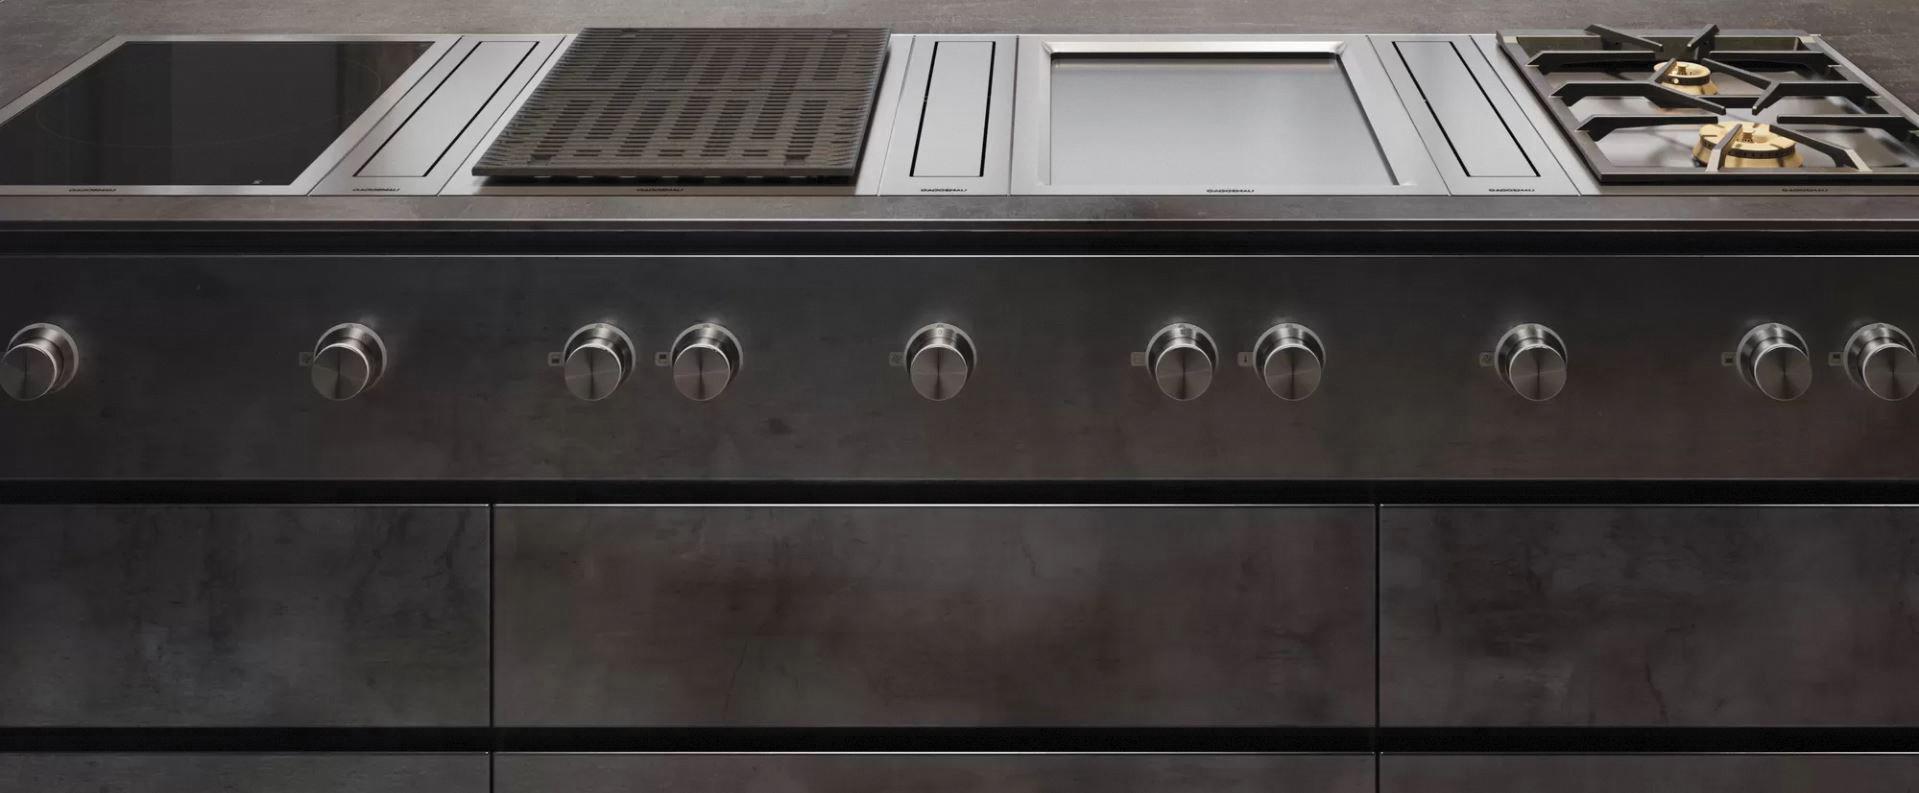 9 - Vario Cooktops - 400 Series